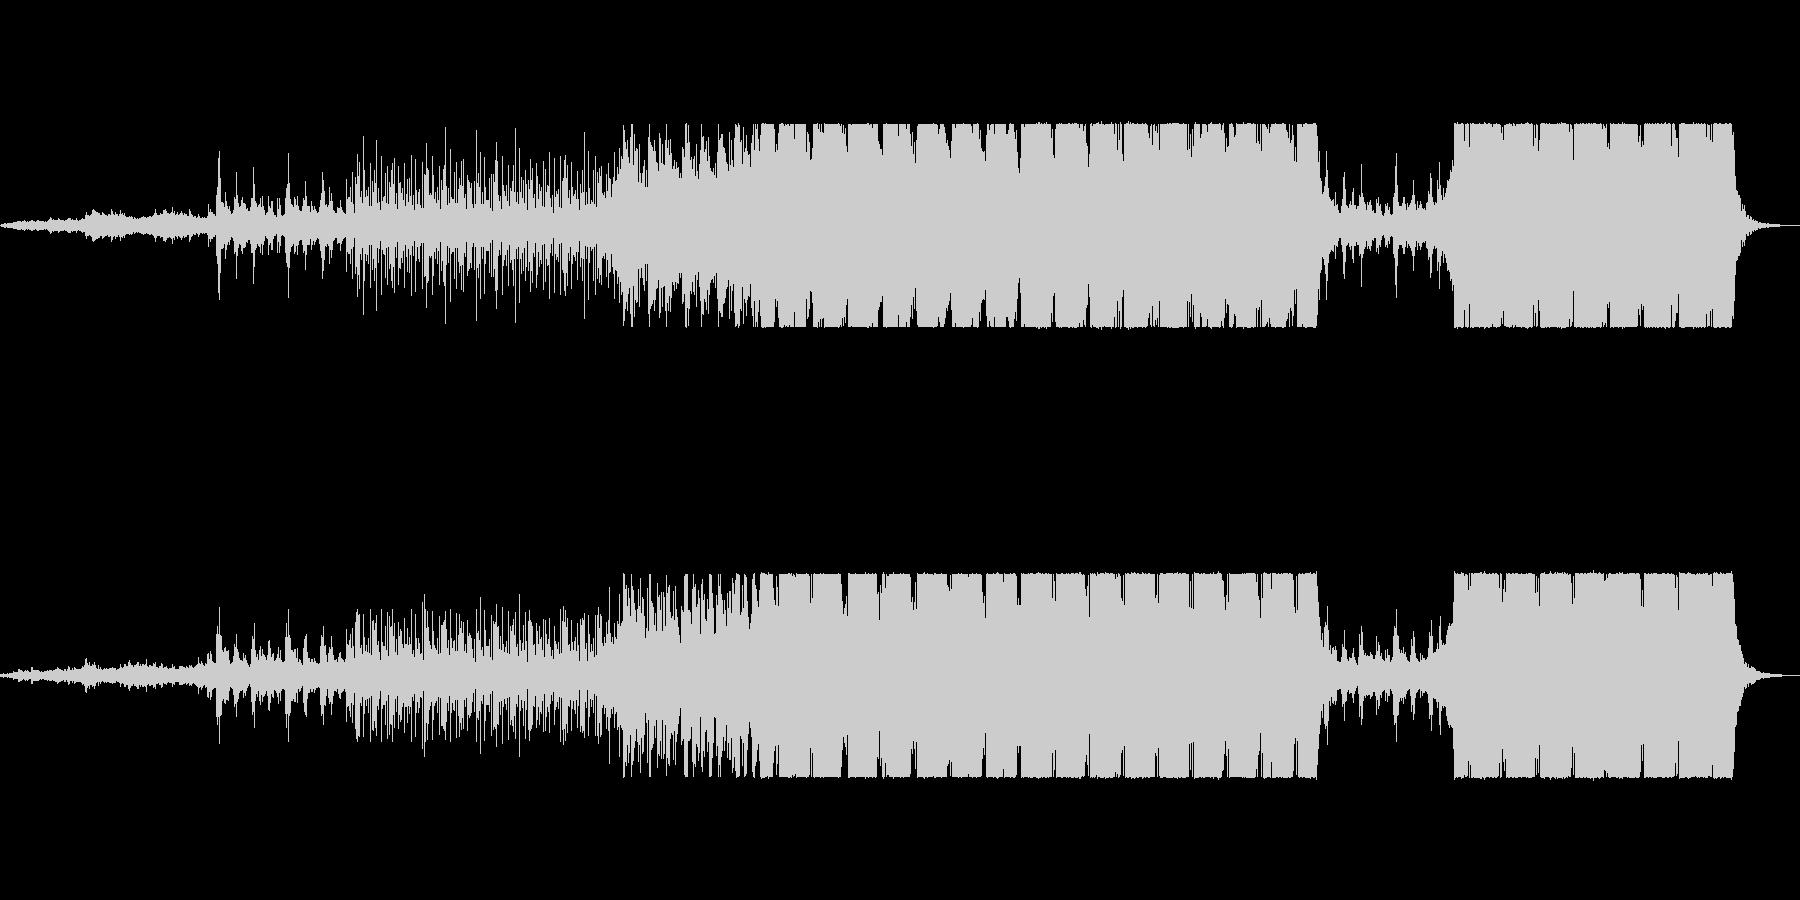 シネマティック和風インダストリアル曲の未再生の波形